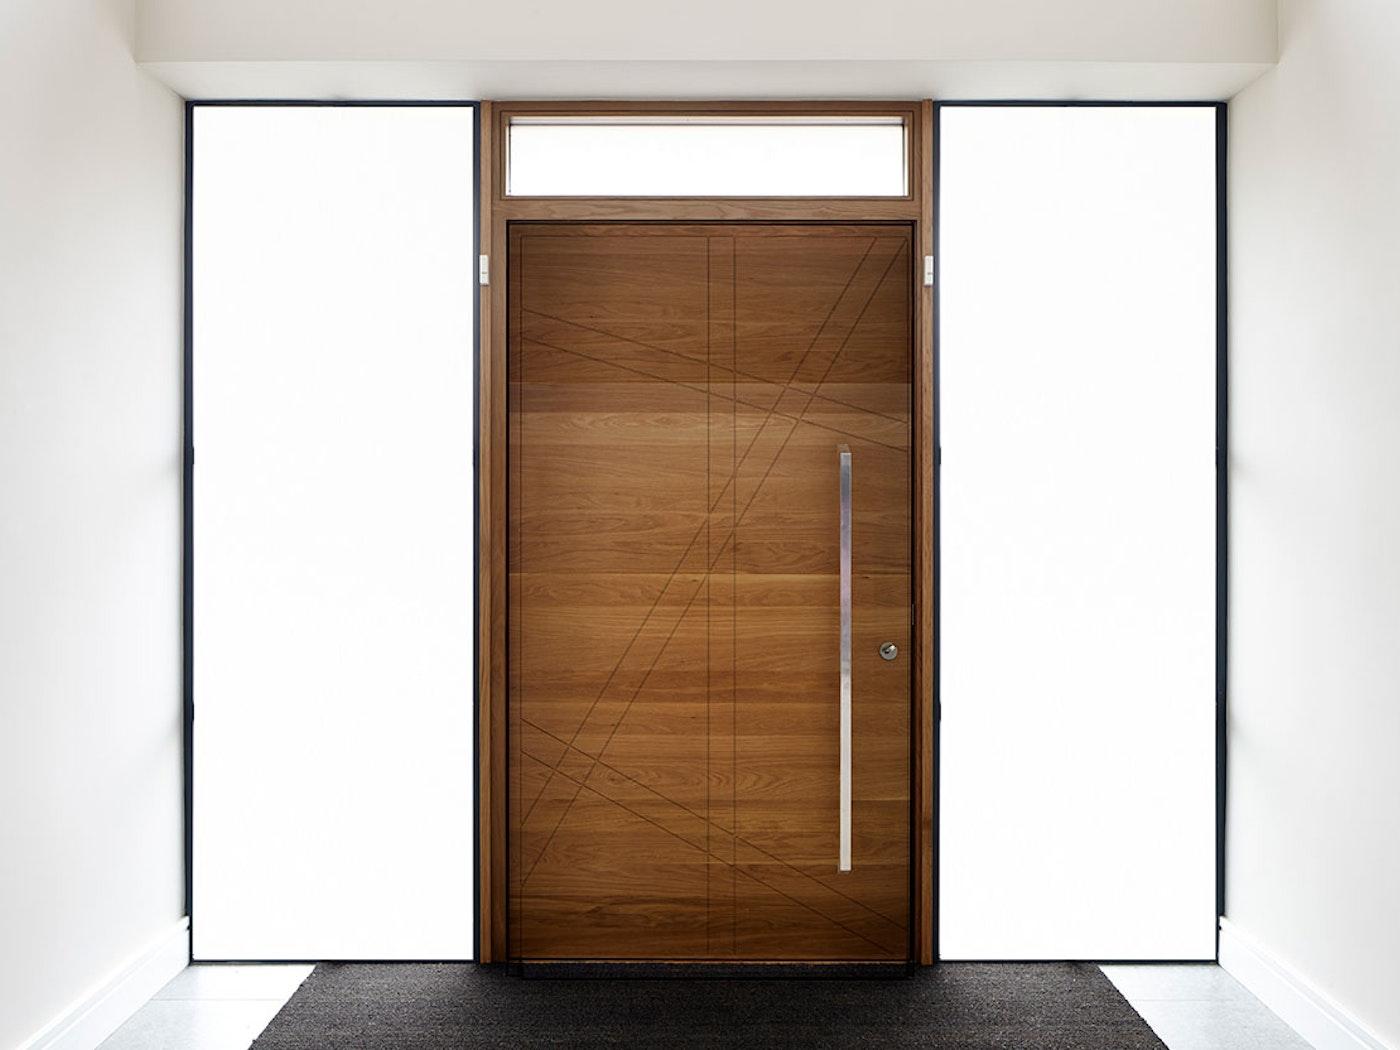 Natural hardwood | Root front door by Urban Front